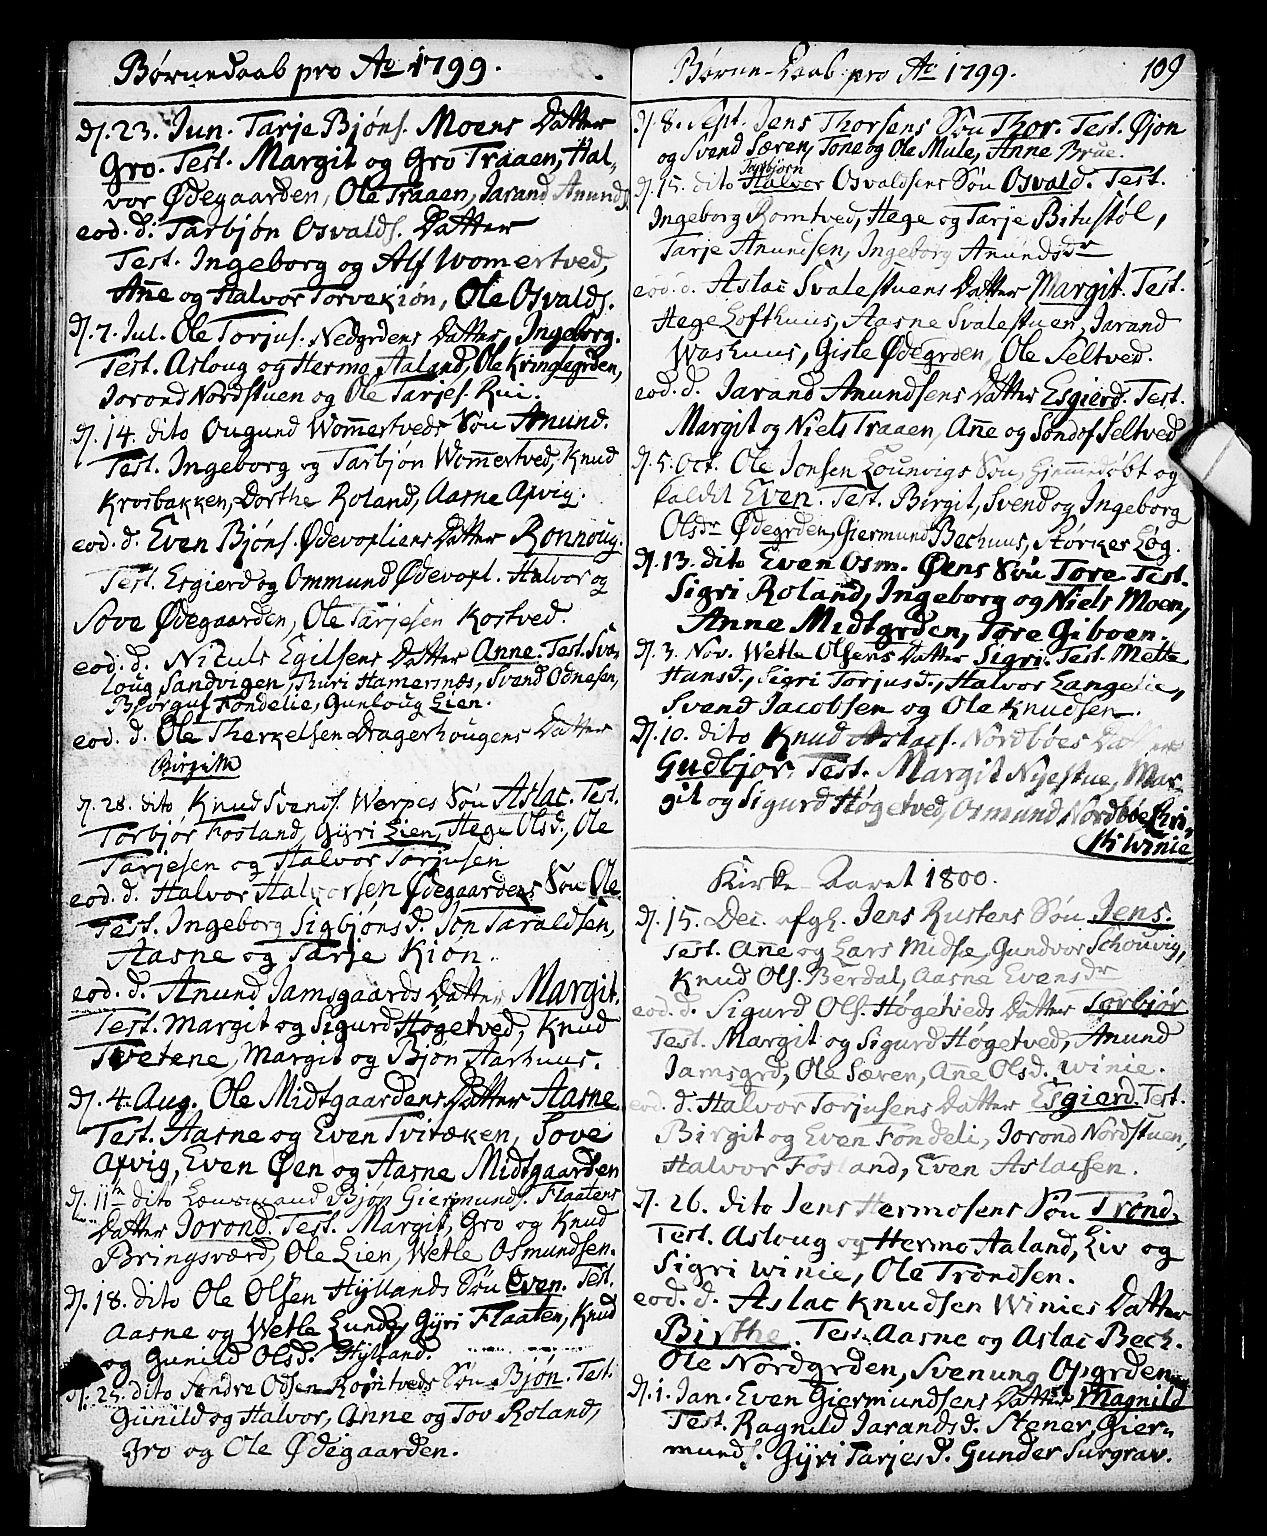 SAKO, Vinje kirkebøker, F/Fa/L0002: Ministerialbok nr. I 2, 1767-1814, s. 109